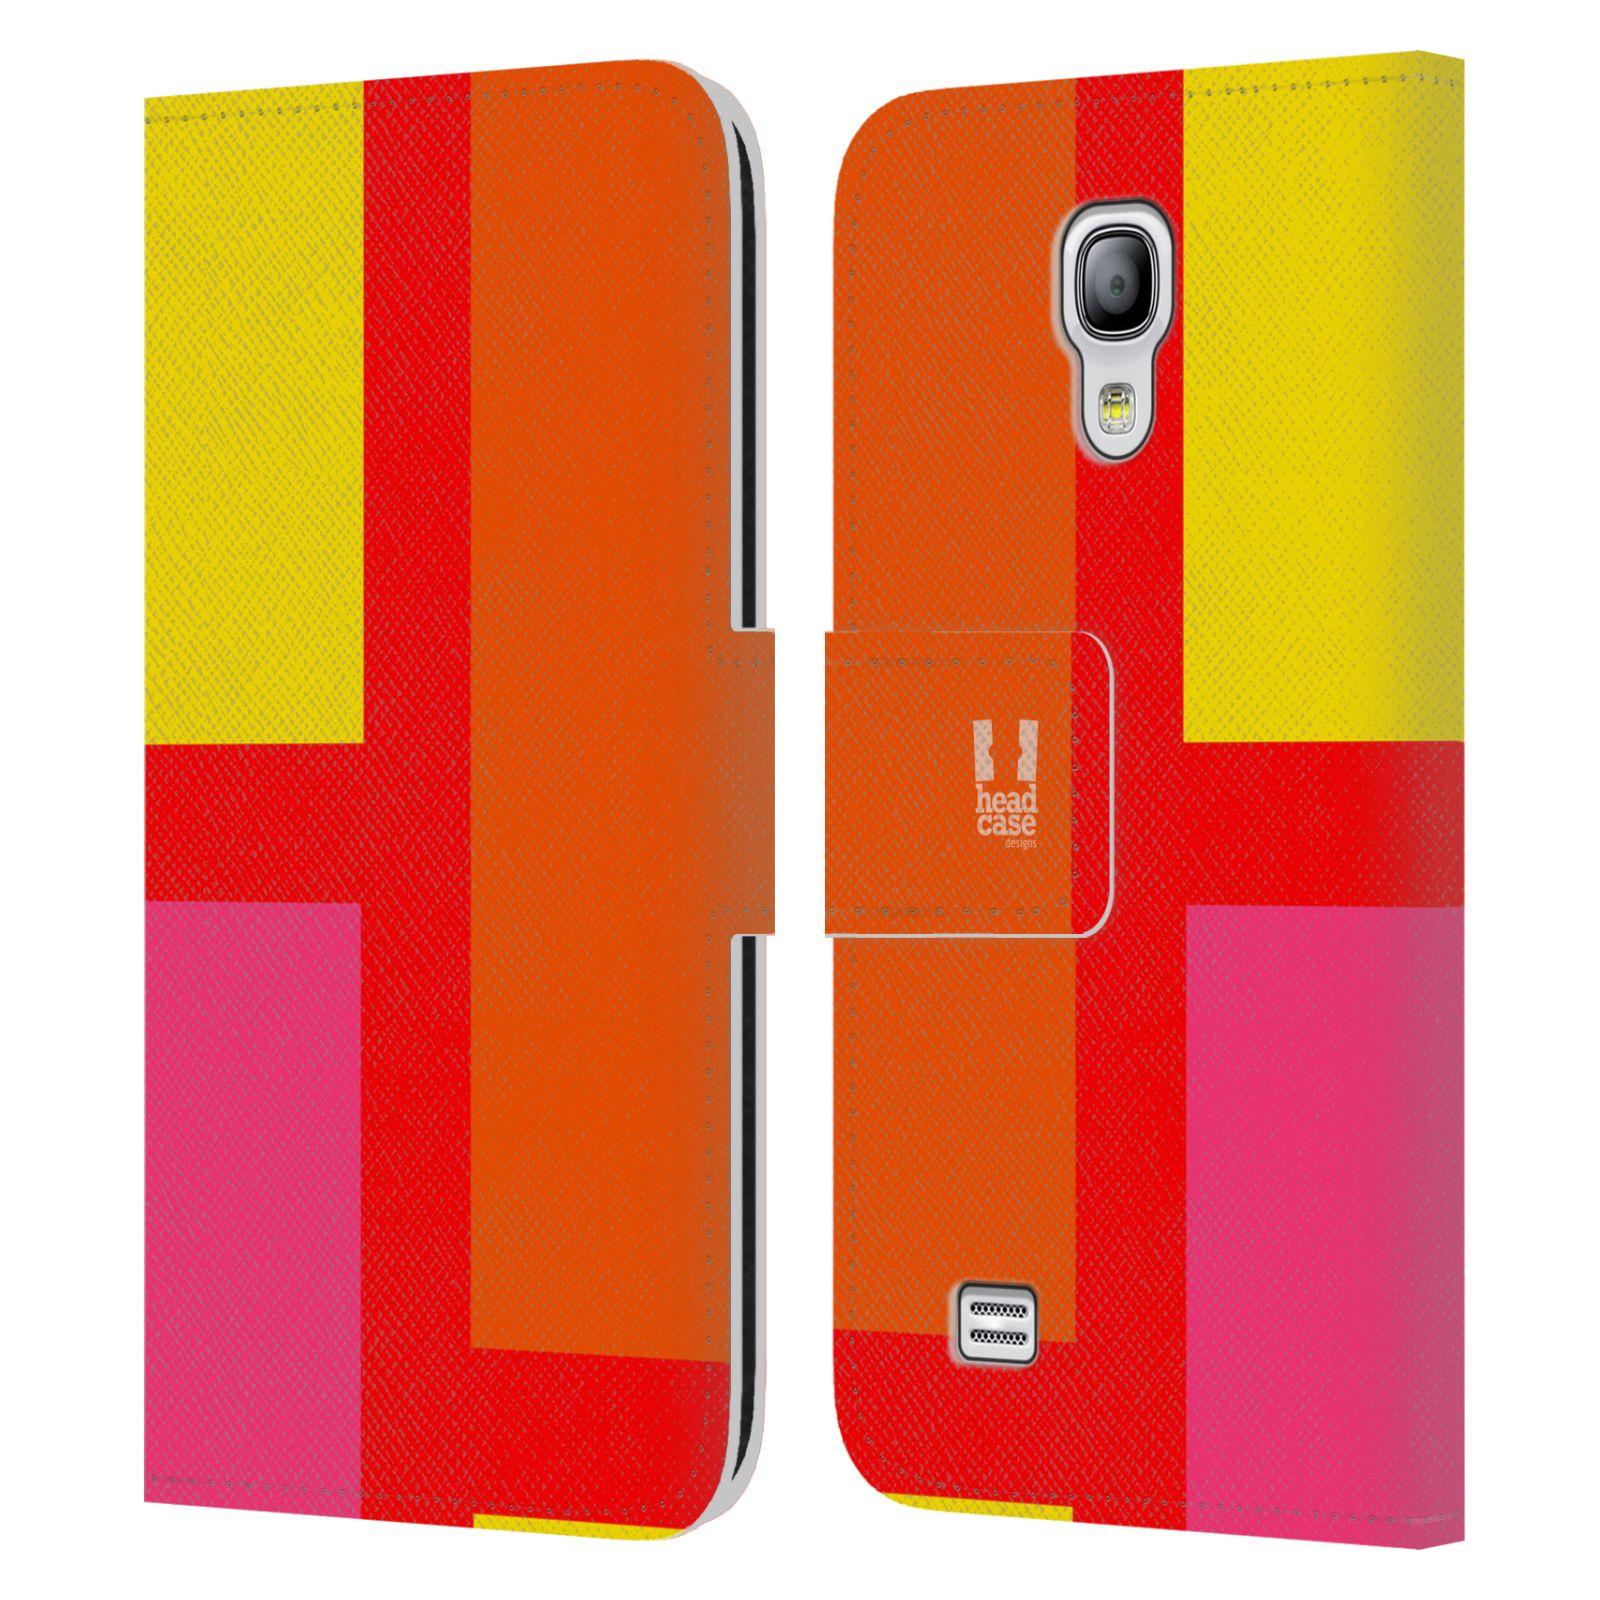 HEAD CASE Flipové pouzdro pro mobil Samsung Galaxy S4 MINI barevné tvary oranžová ulice